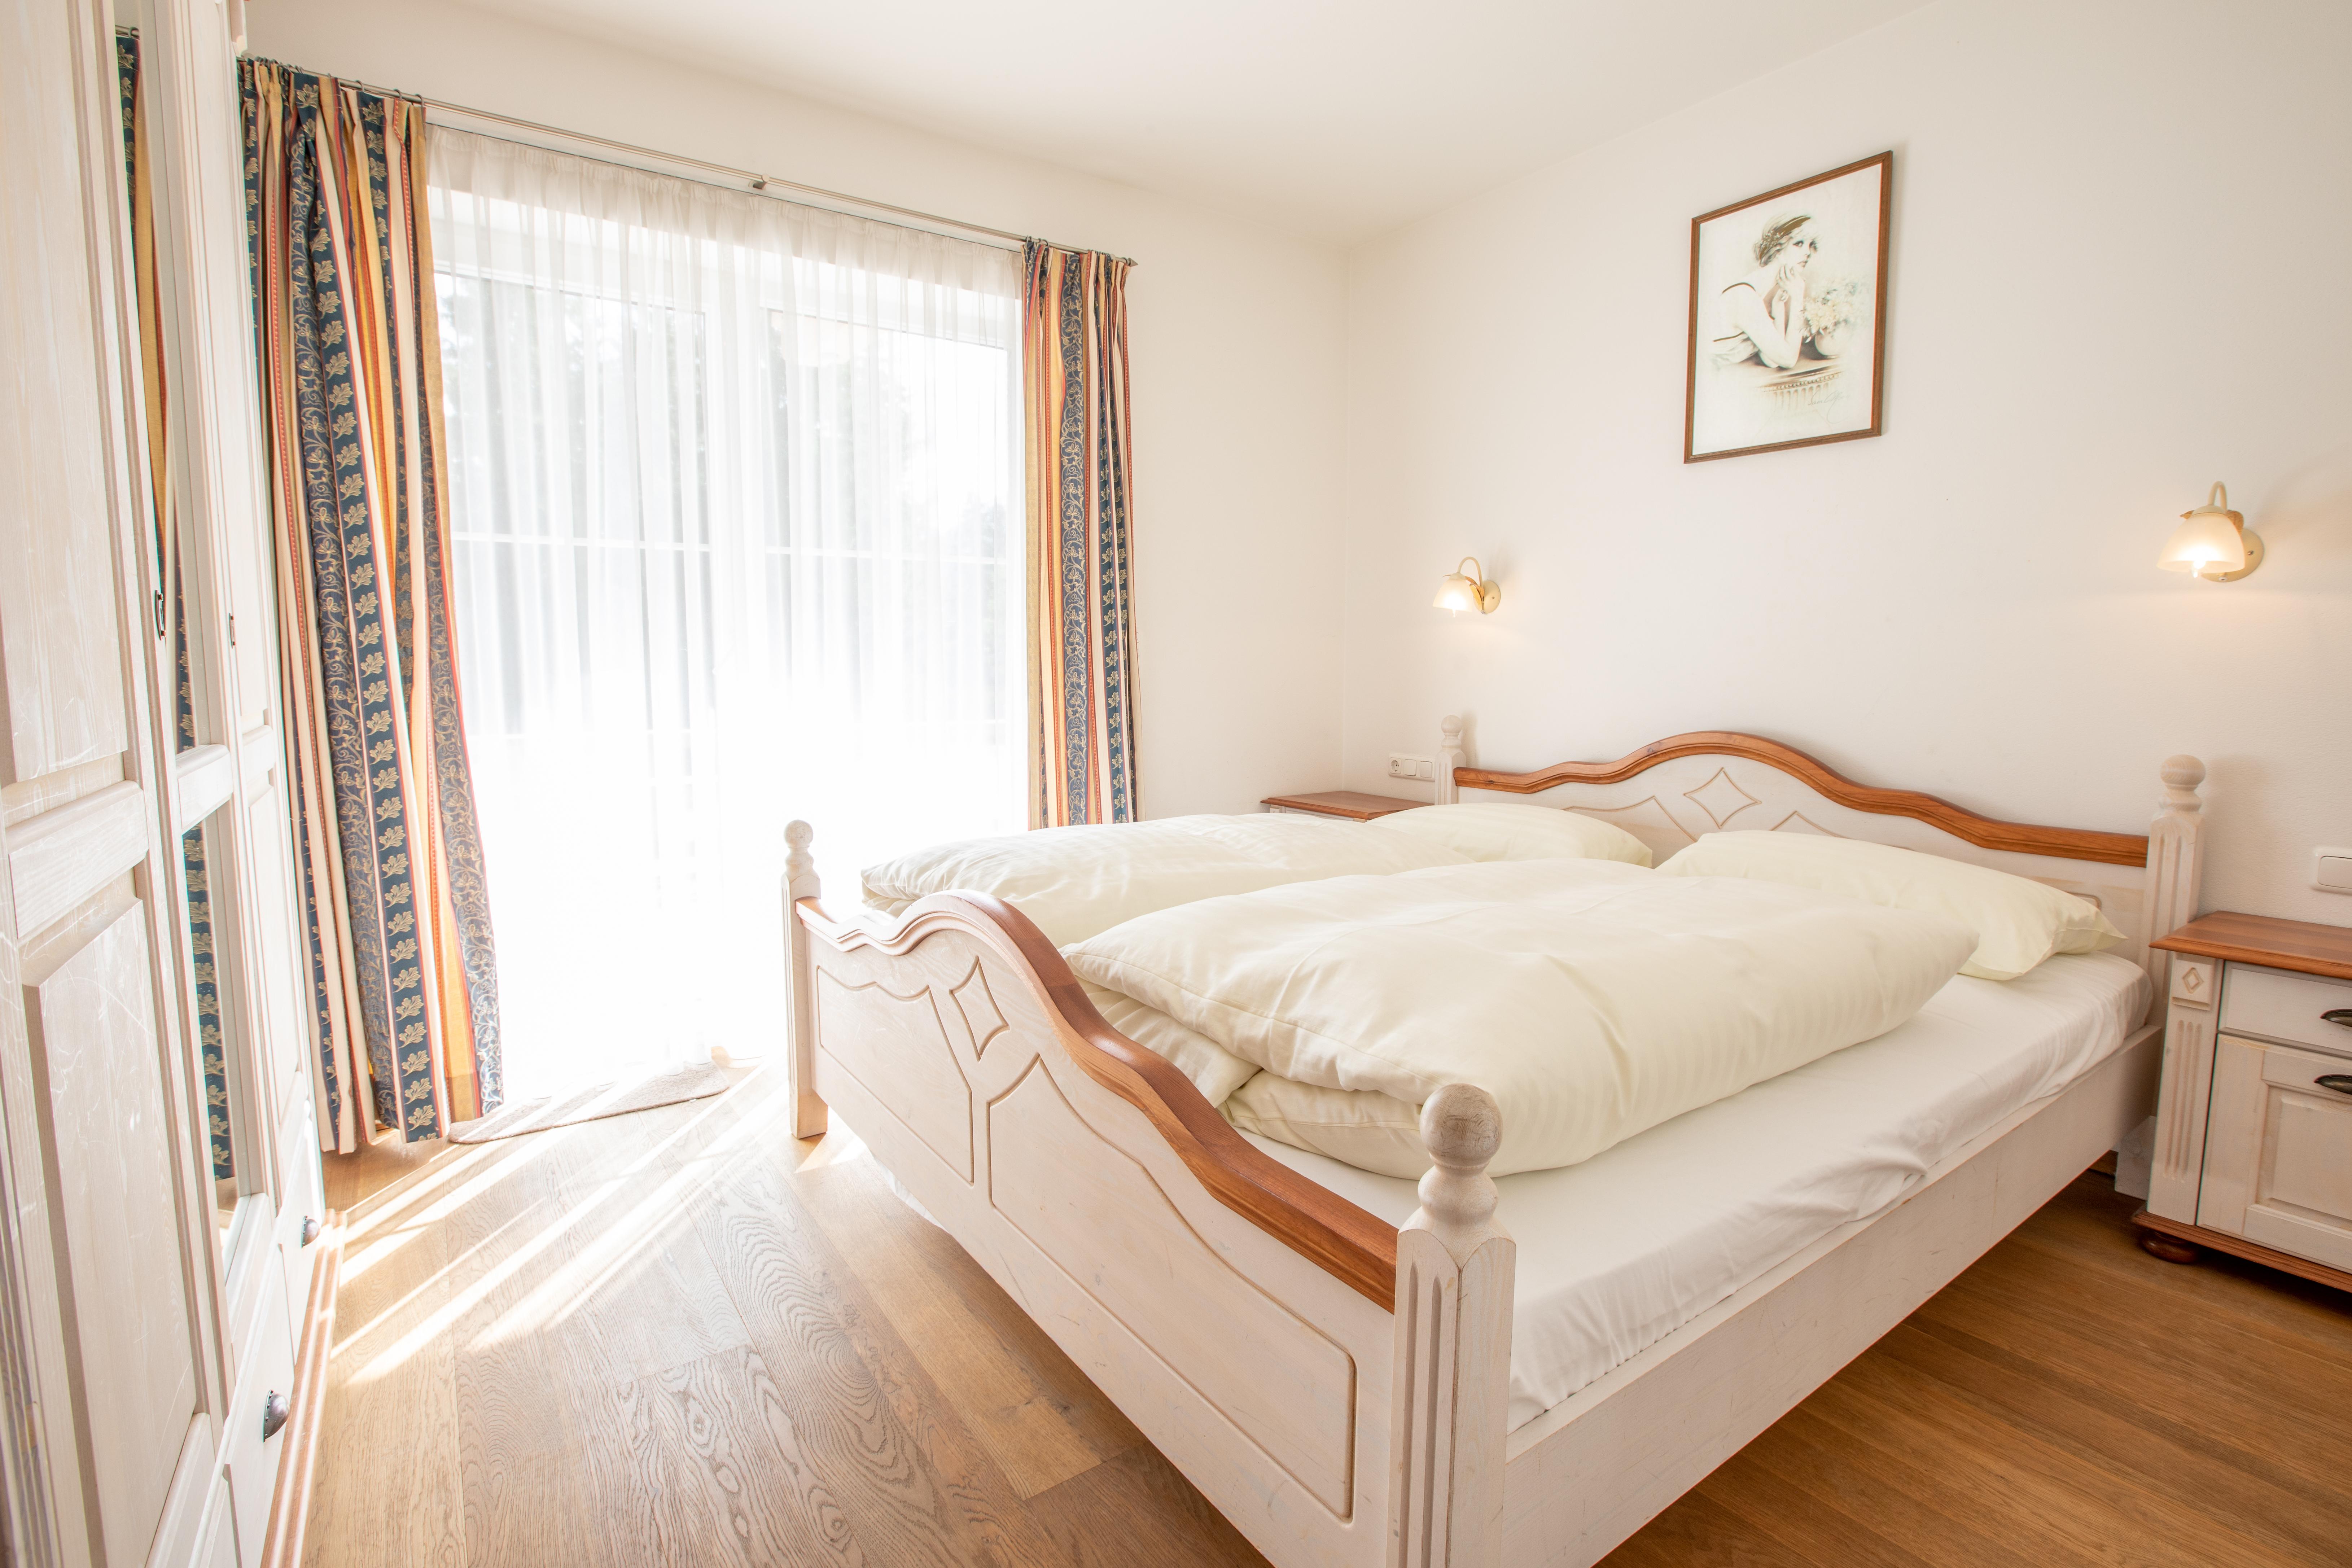 Bedroom 3/4